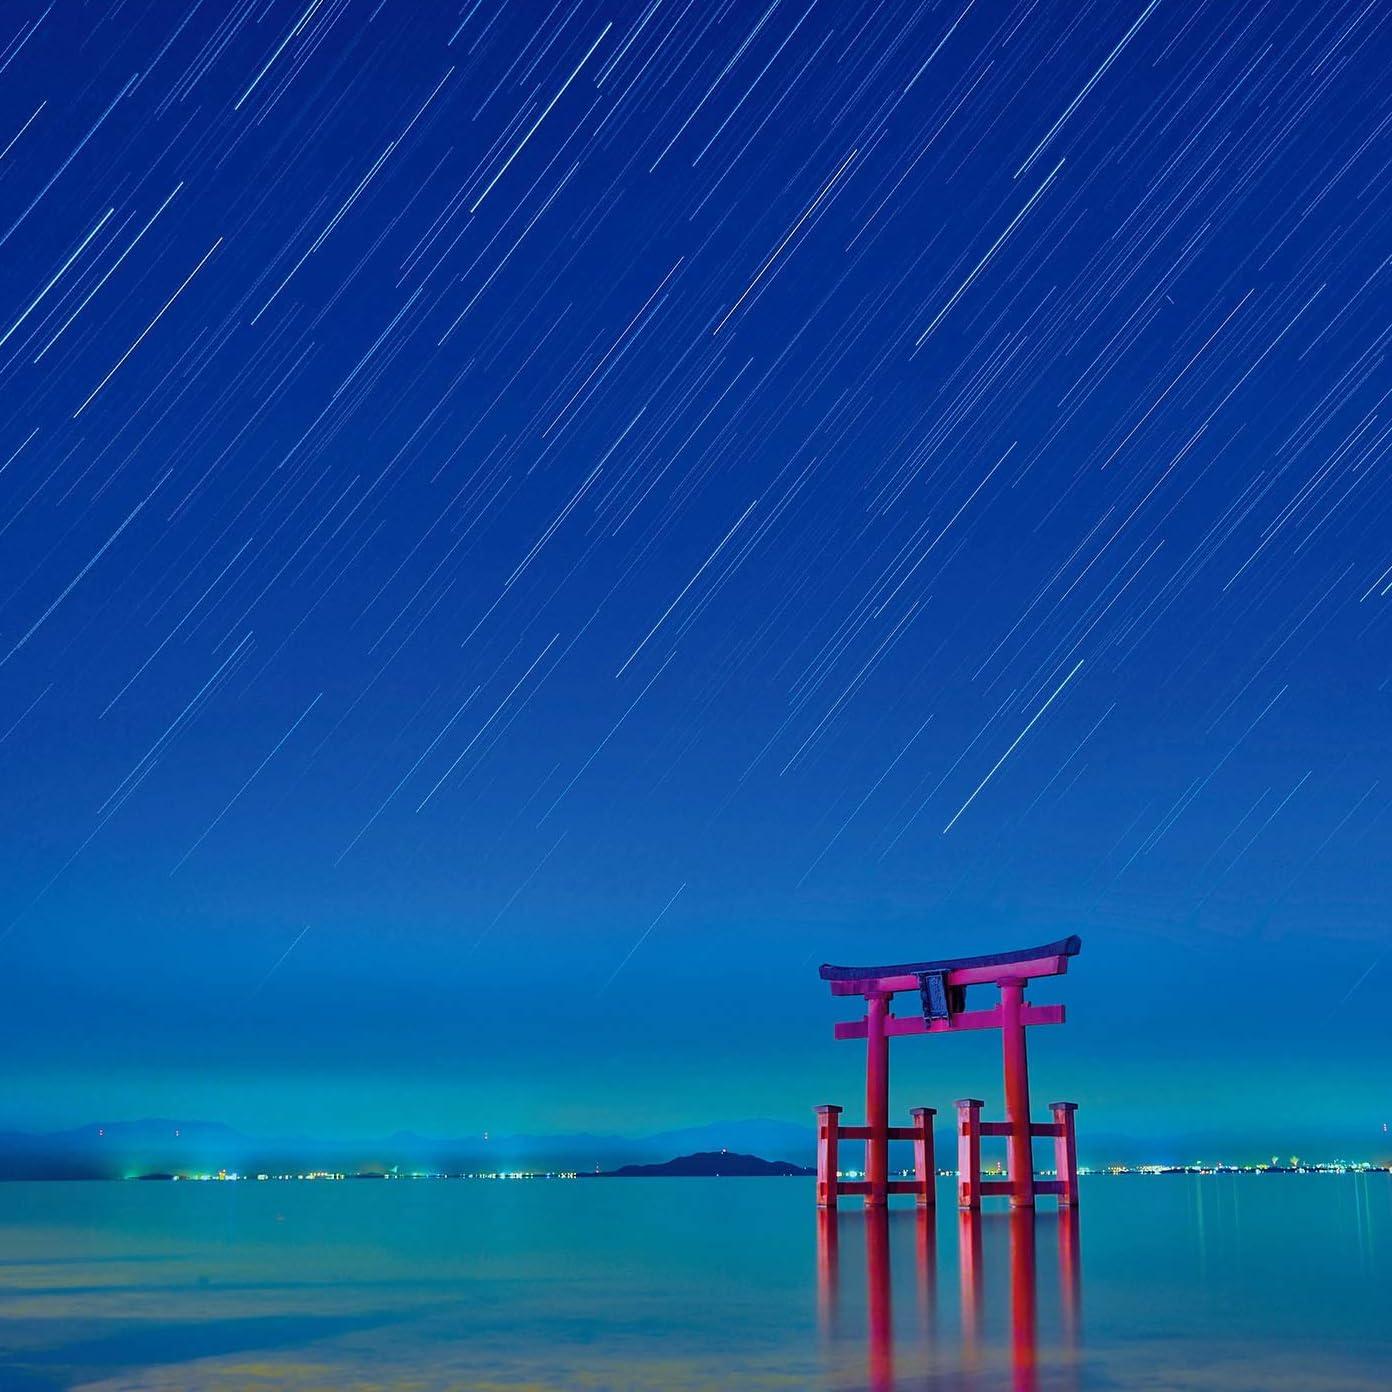 星空 Ipad壁紙 琵琶湖に降り注ぐスタートレイル その他 スマホ用画像117583